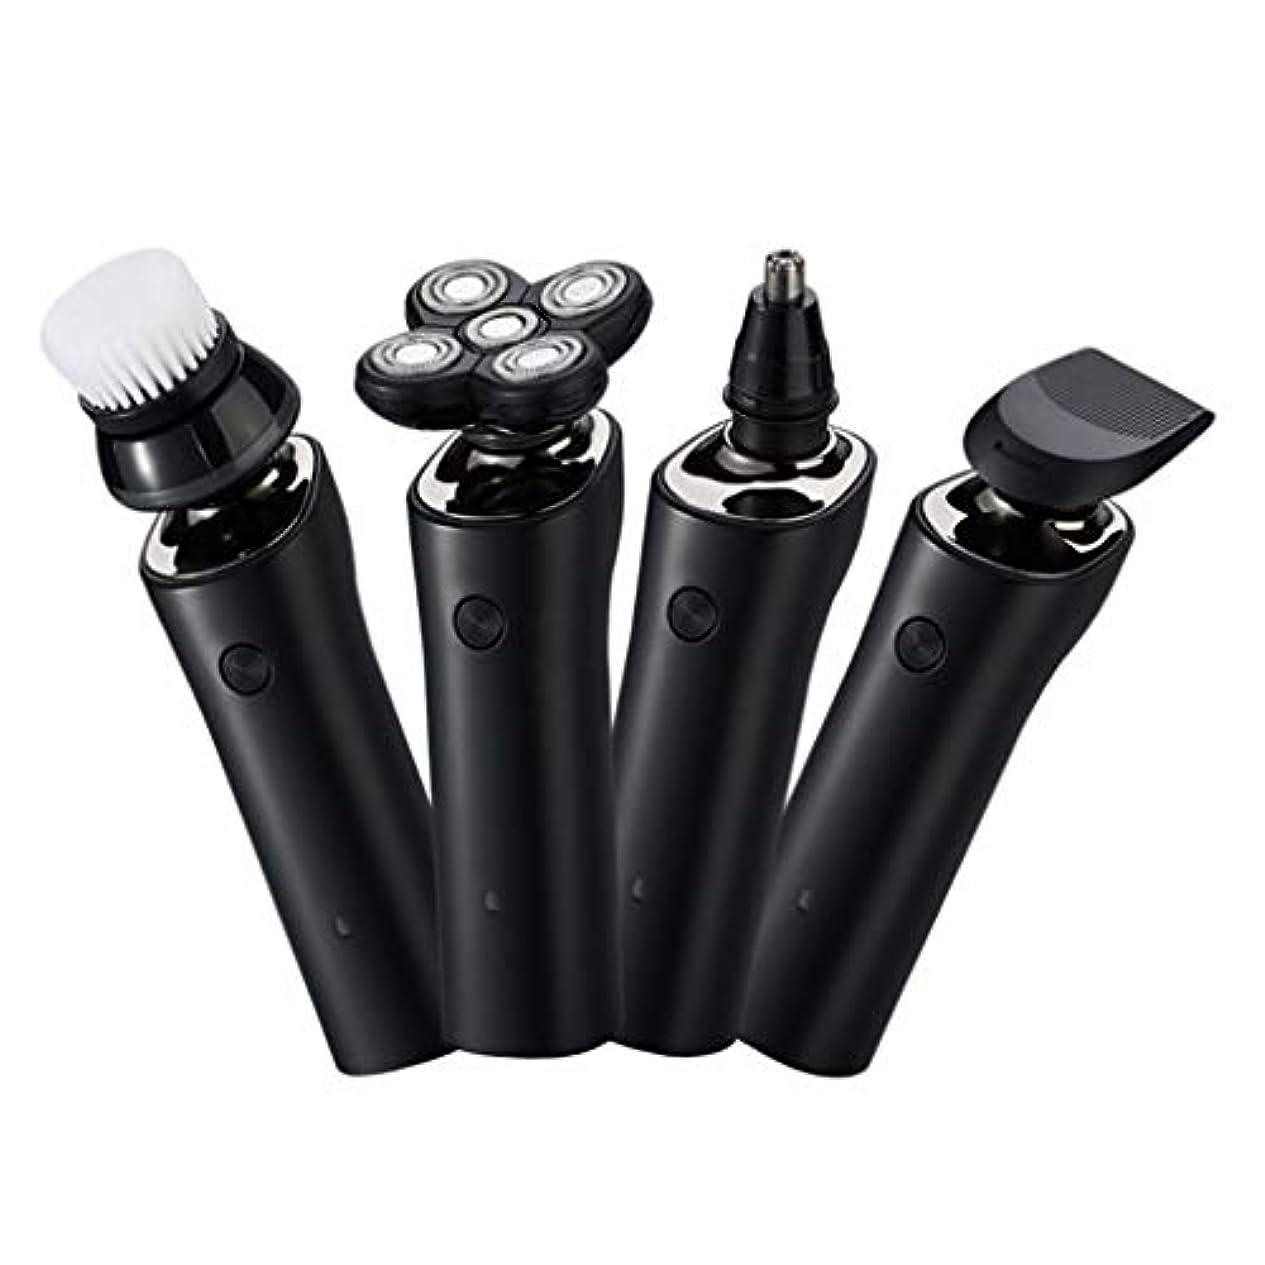 頂点ユーザーコミュニティ多機能フォーインワン電気シェーバー、男性用充電式コードレス鼻毛/ホーン/ひげトリマー、ギフト